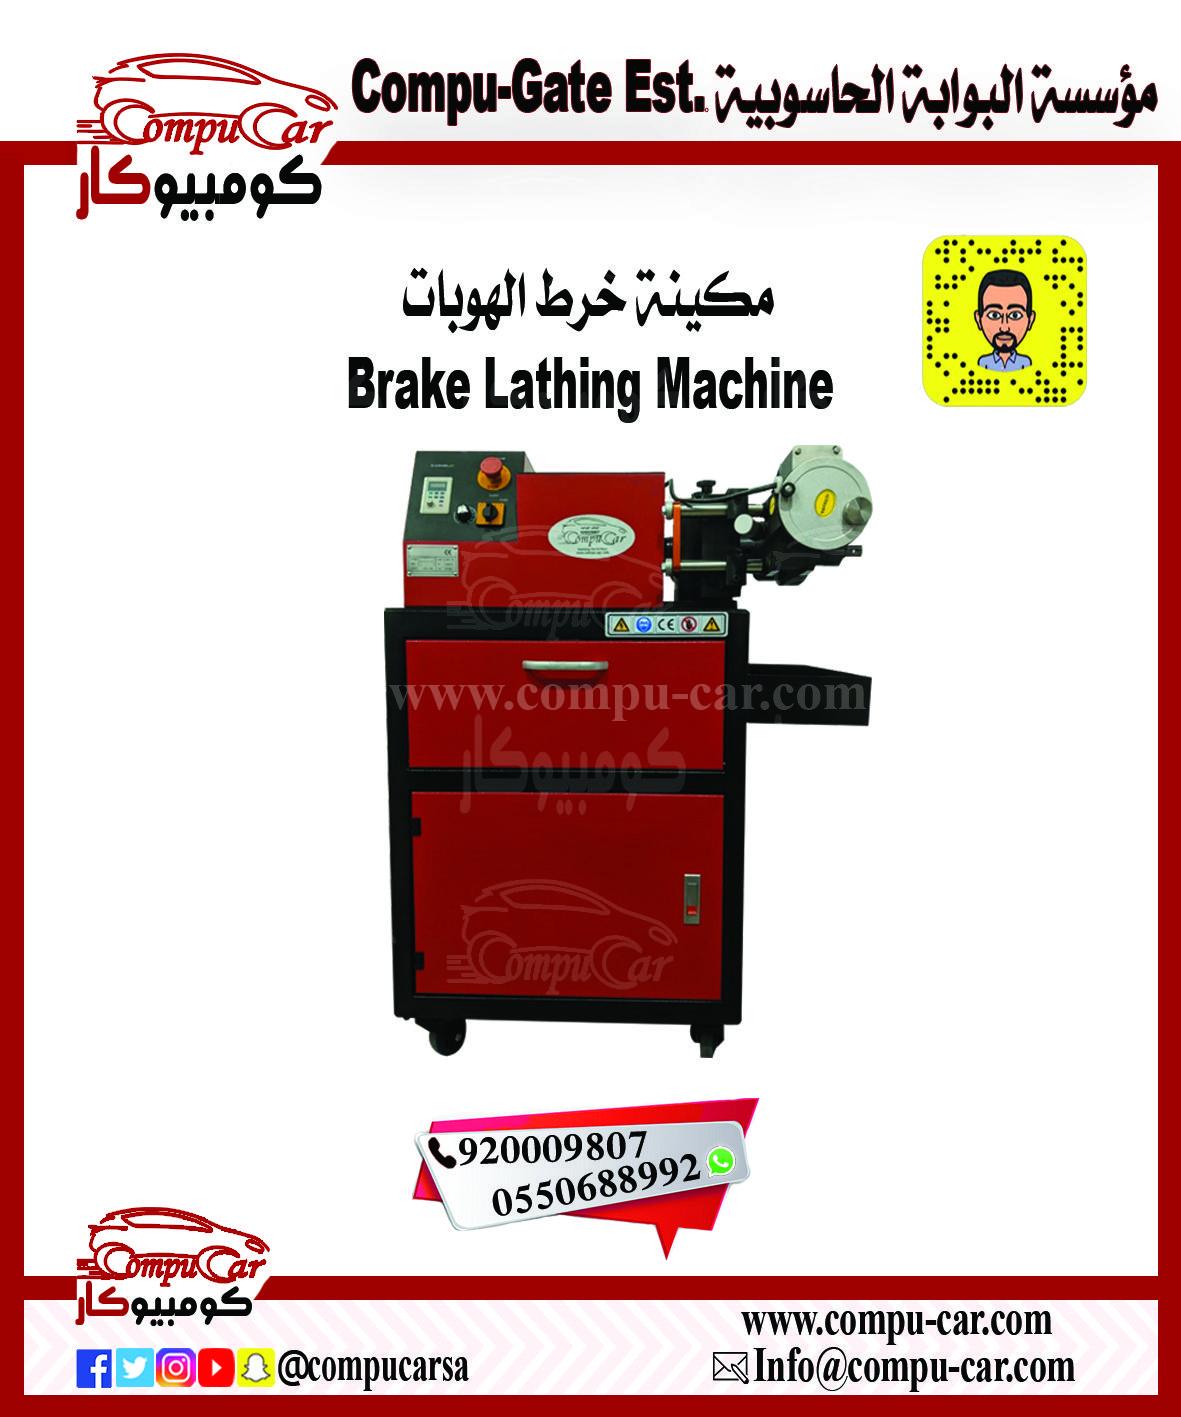 مكينة خرط الهوبات من كومبيوكار Brake Lathing Machine From Compu Car Letters